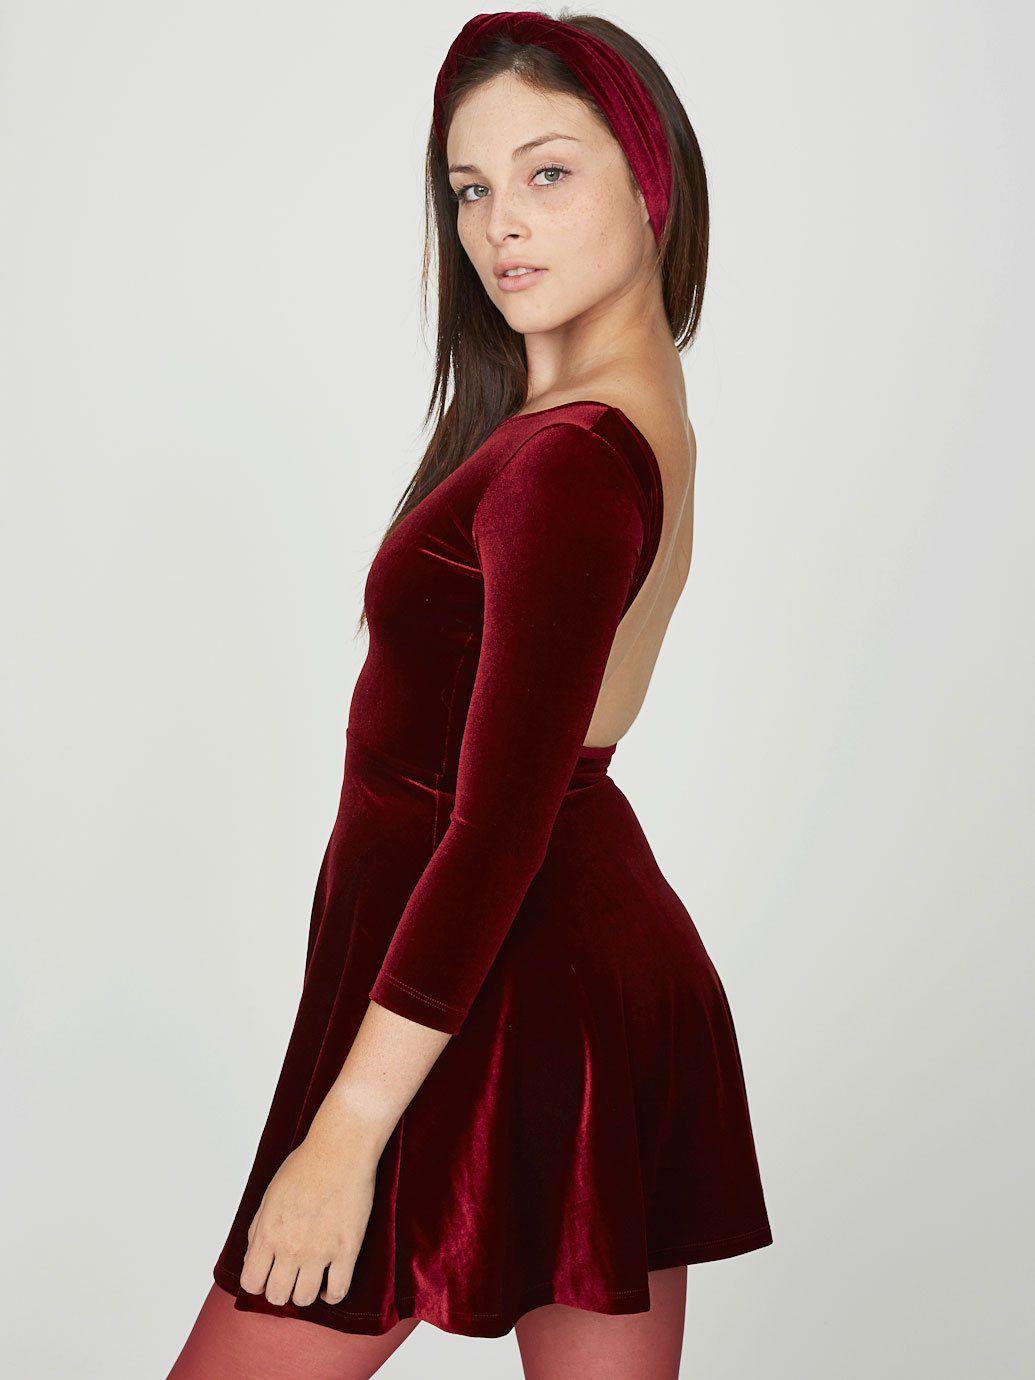 77a56bb6a5 (99+) Tumblr Velvet Skater Dress, American Apparel Dress, Romper With Skirt